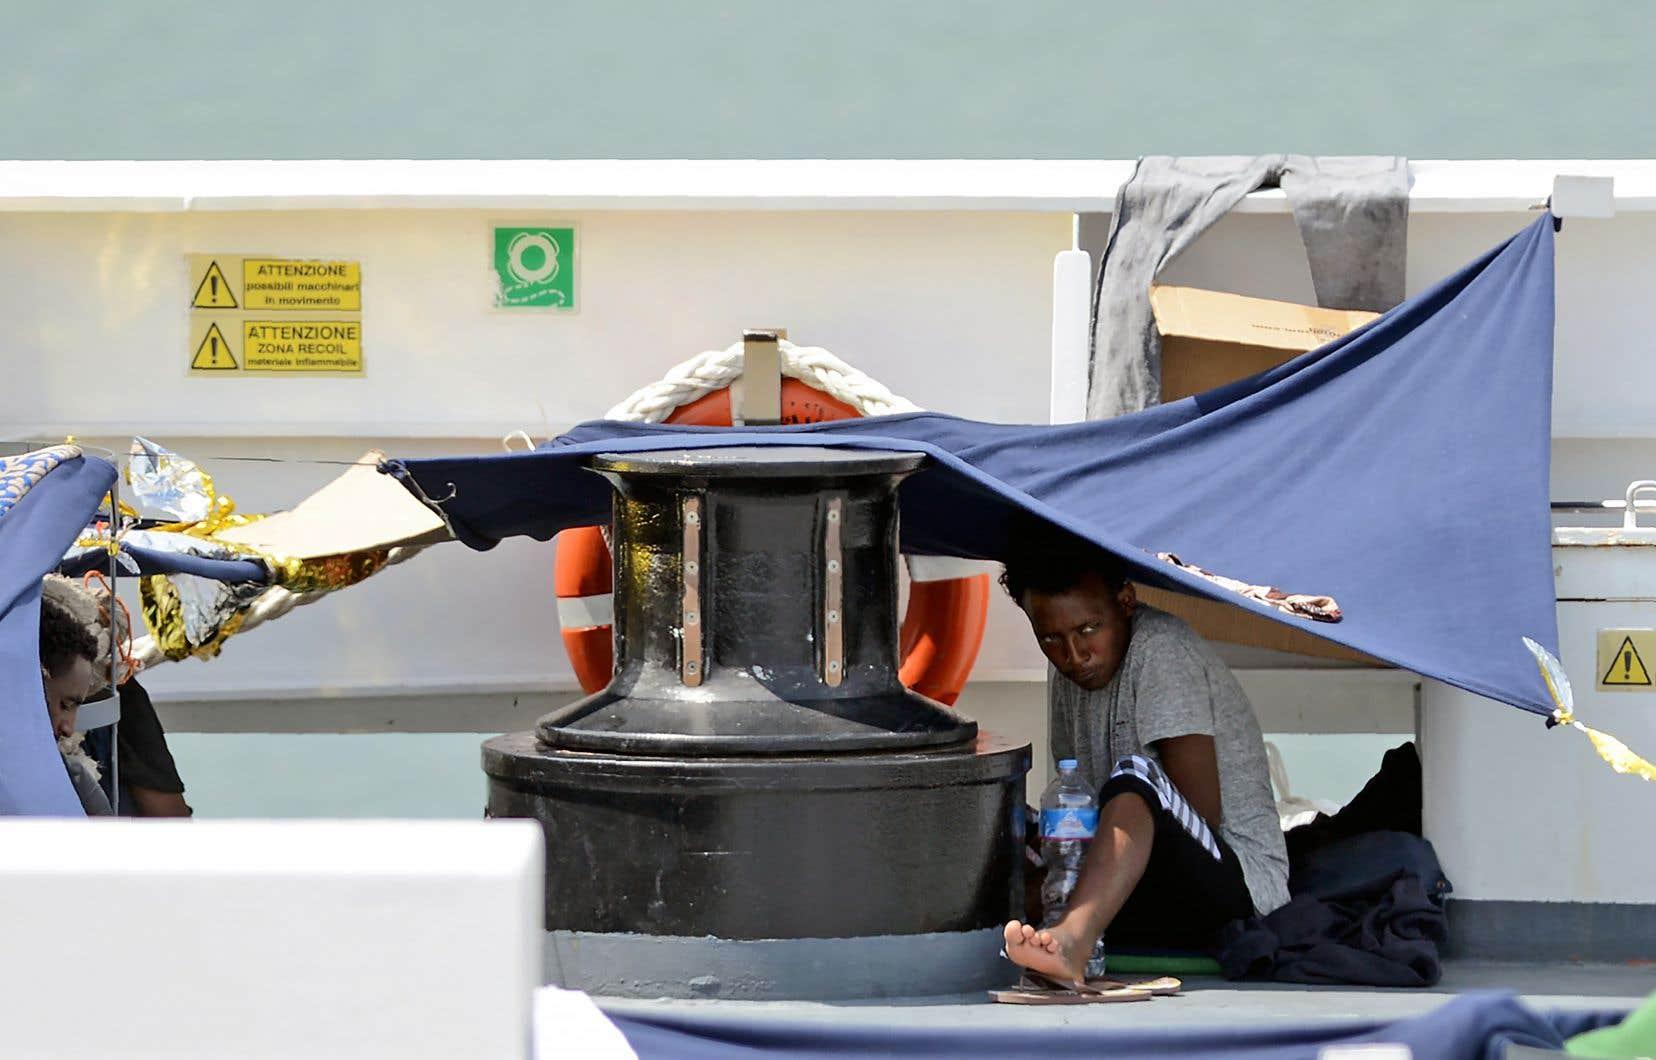 150 migrants sont toujours à bord du «Diciotti» dans un port sicilien, le ministre de l'Intérieur italien refusant catégoriquement leur débarquement.